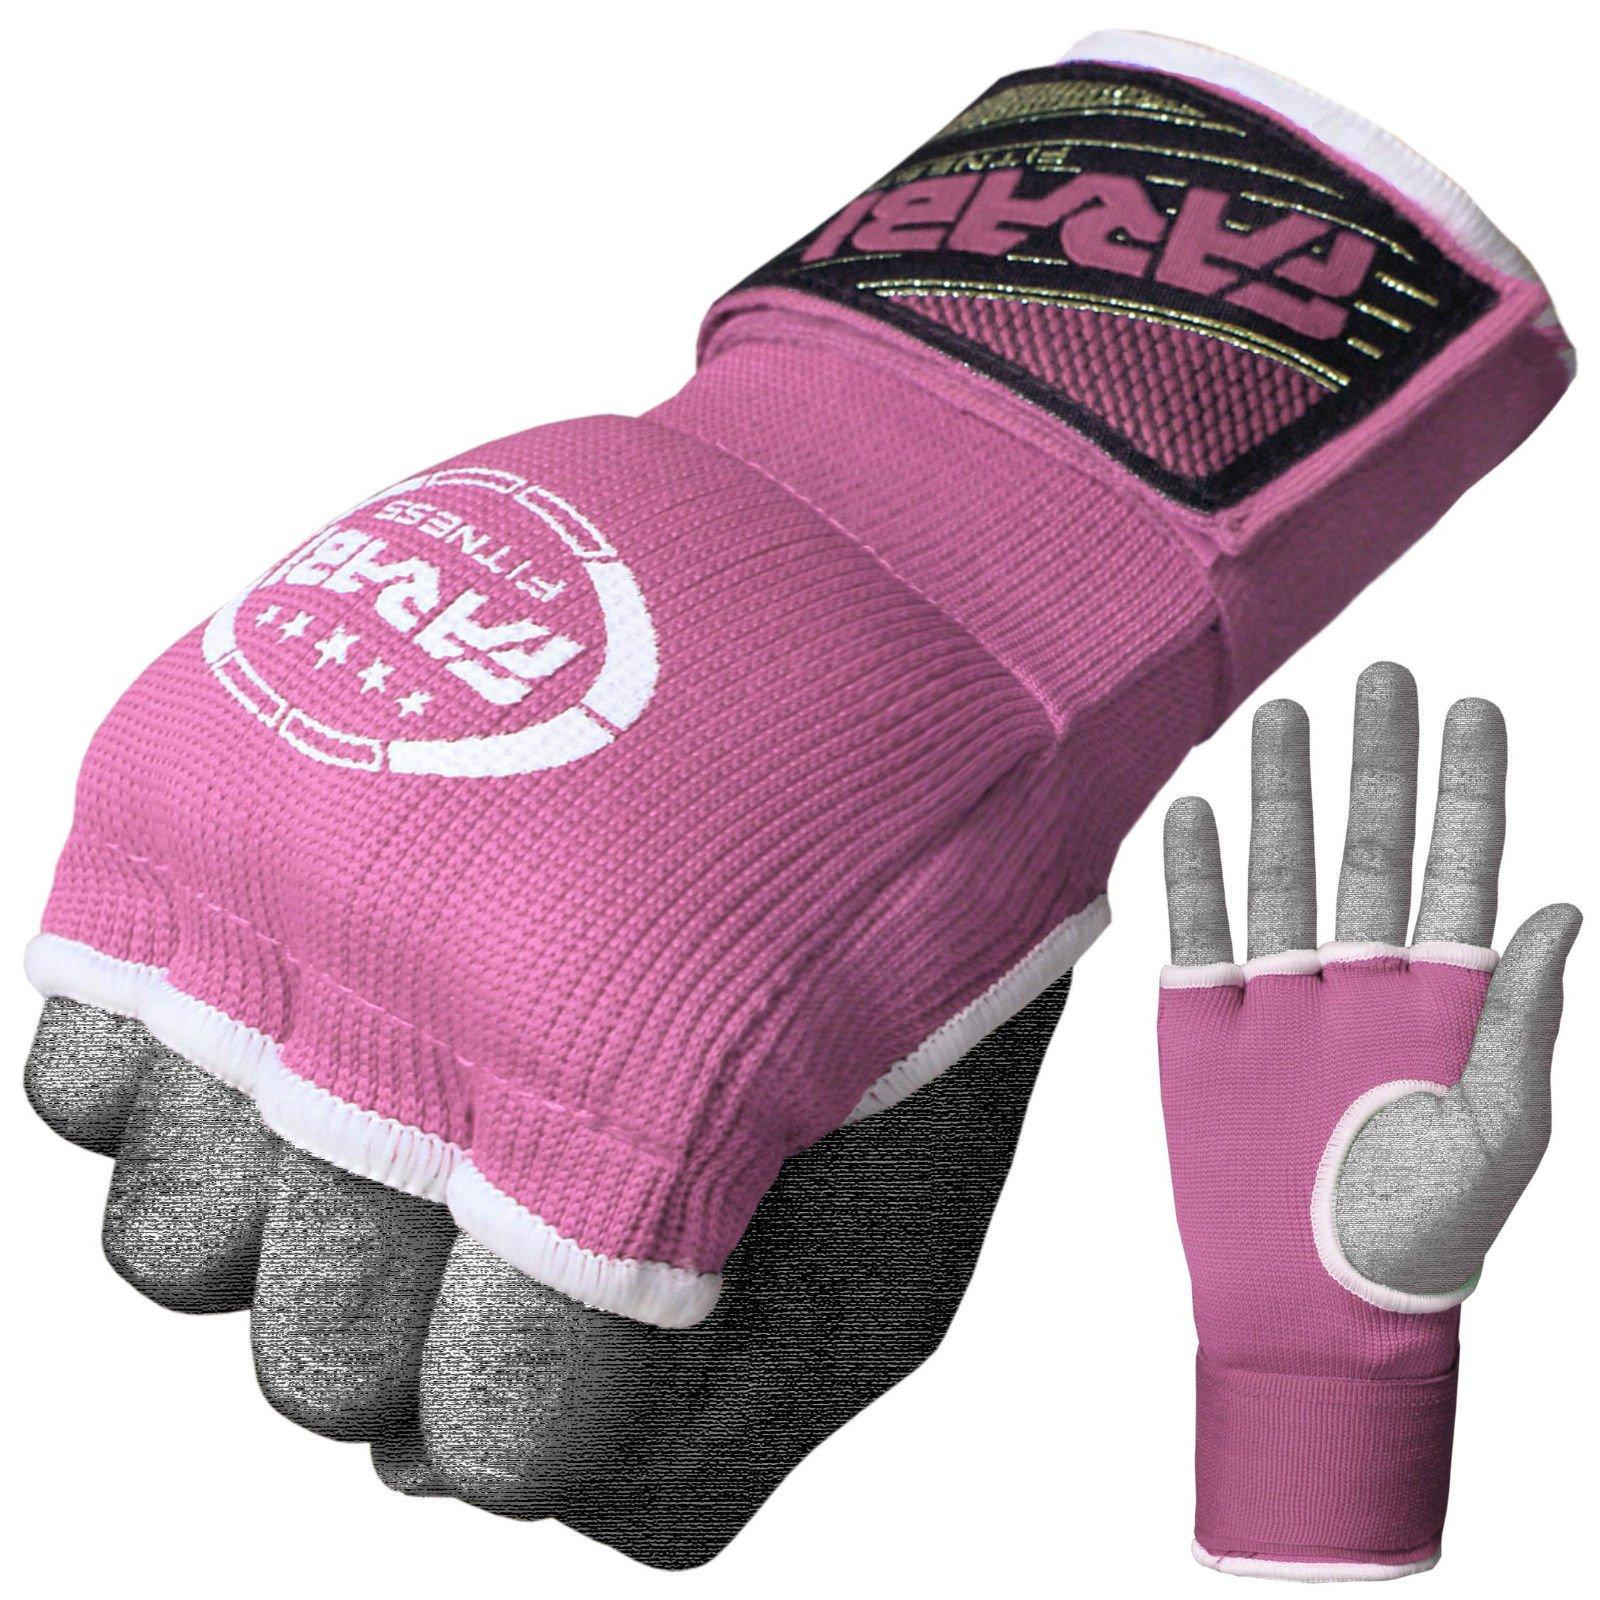 Vendas de mano, de Farabi, para niños, con gel interior; para boxeo, Muay Thai, MMA, gimnasio, color rosa, tamaño infantil: Amazon.es: Deportes y aire libre